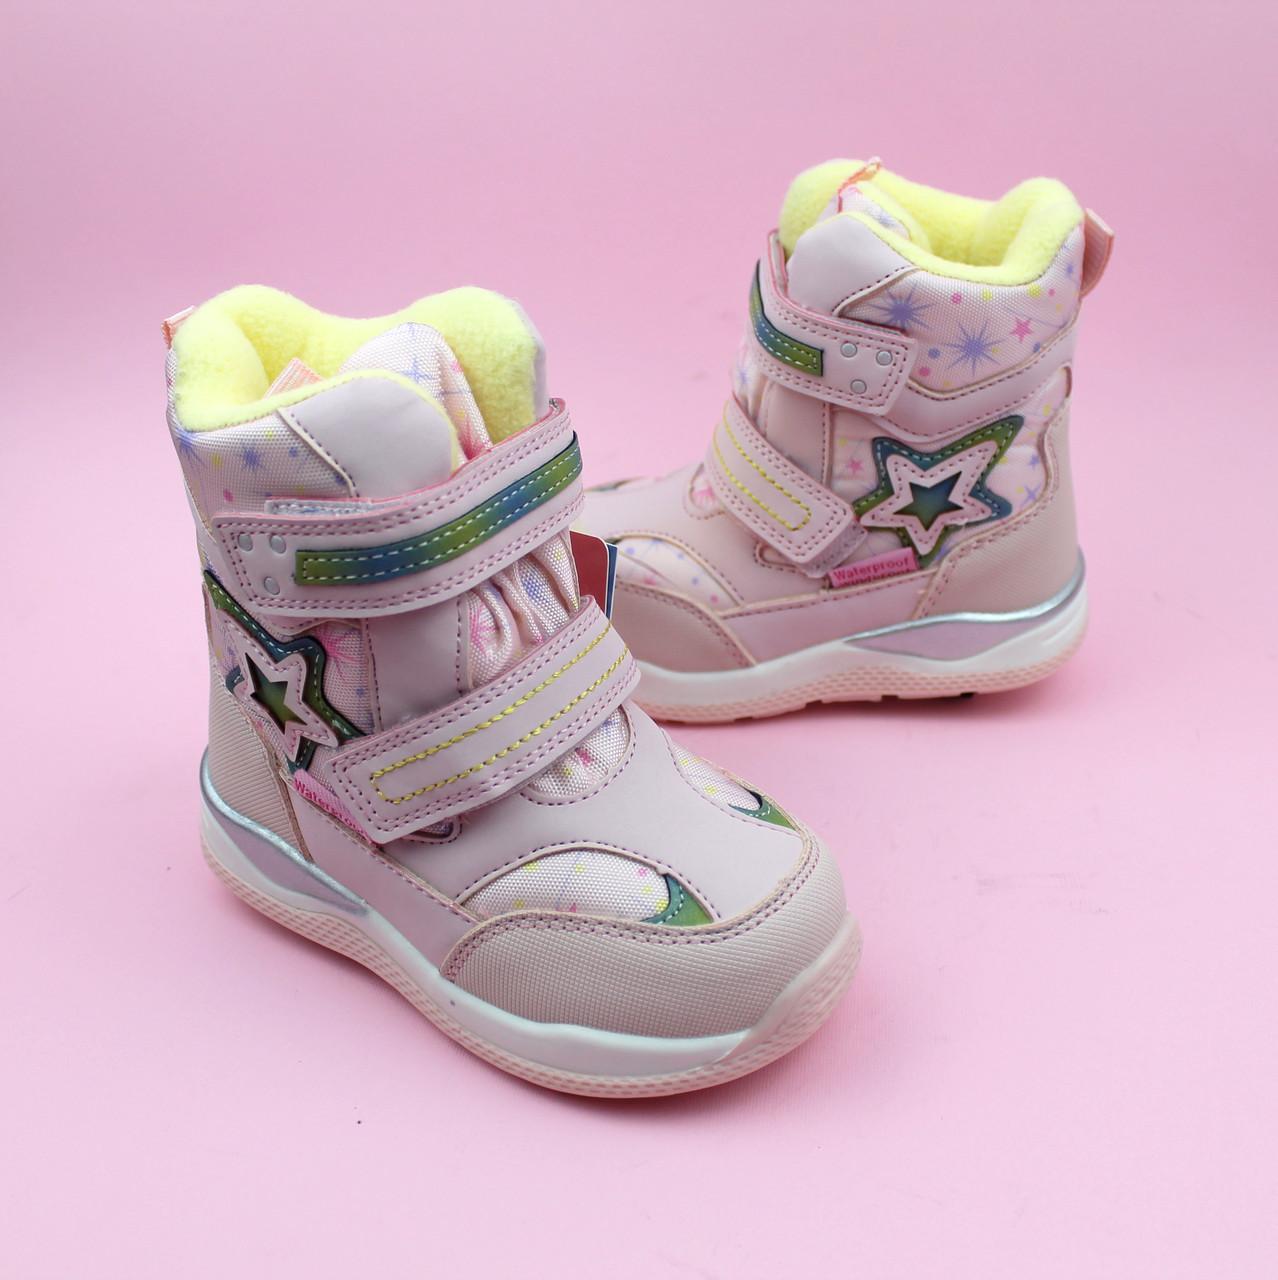 Розовые термо ботинки сапожки для девочки бренд Том.м размер 25,26,27,28